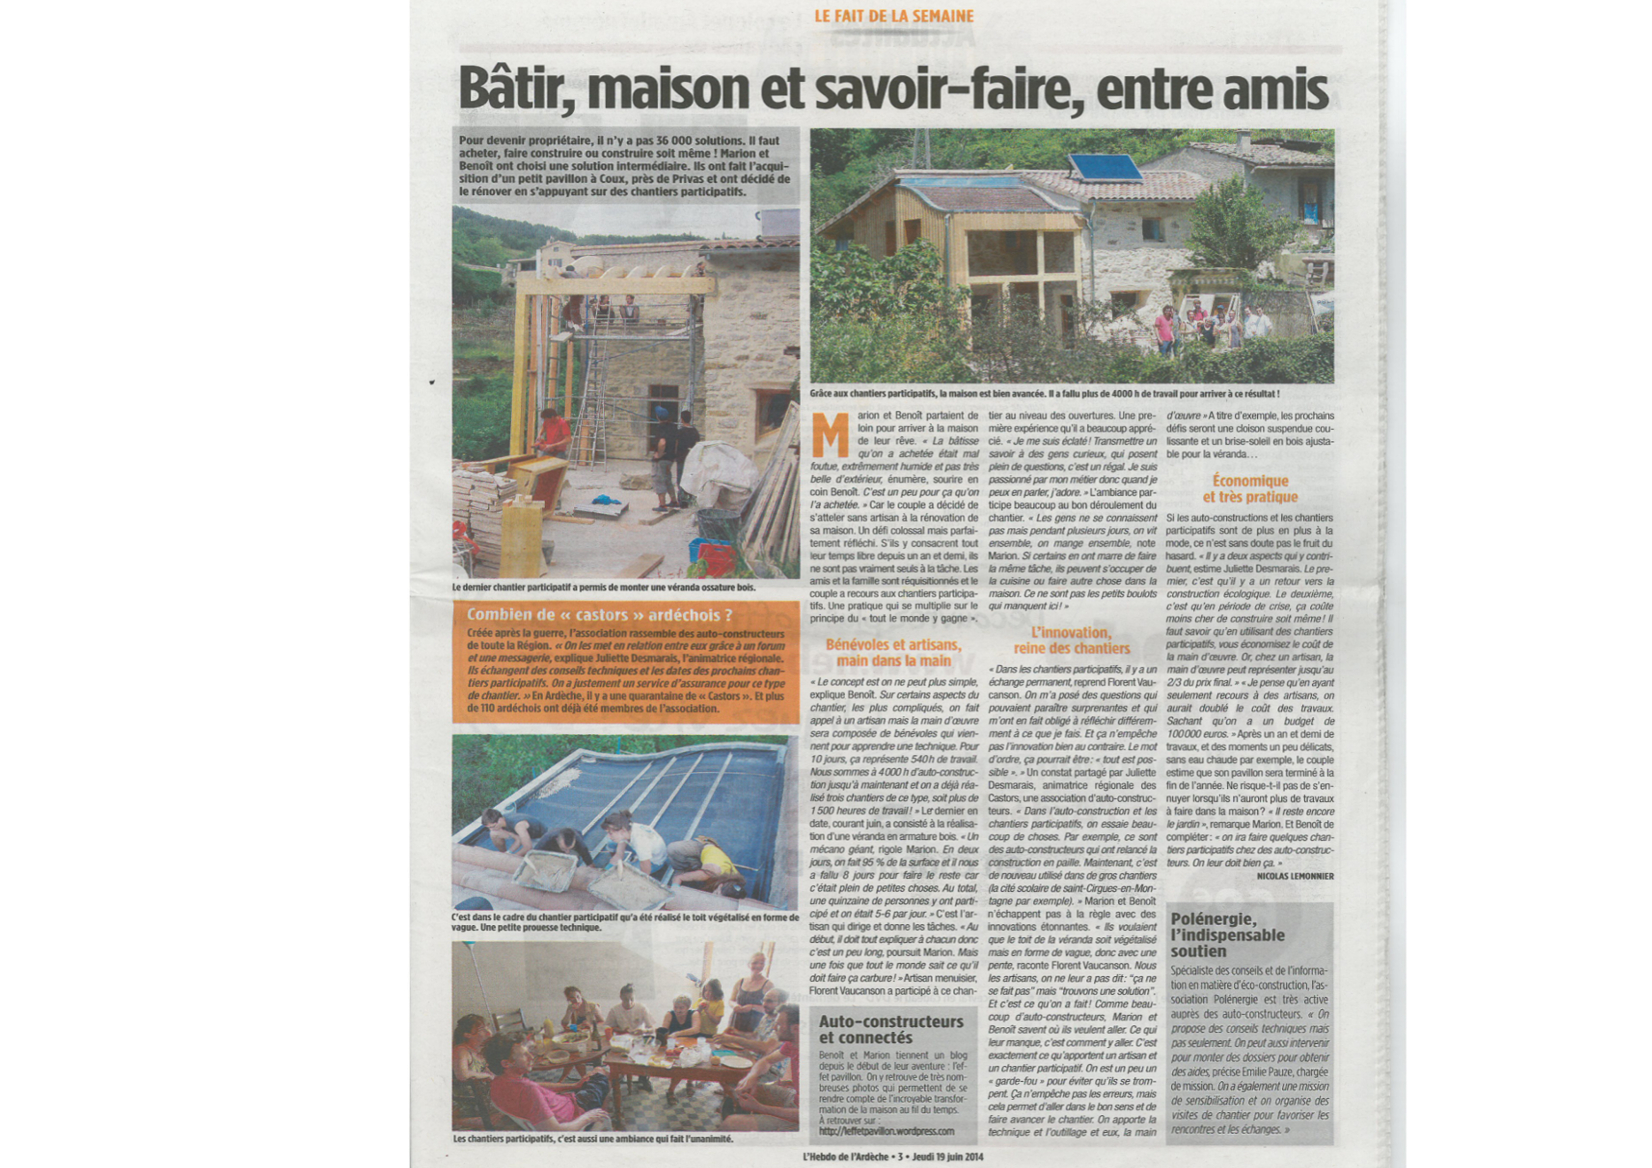 Page 3 de l'hebdo de l'Ardèche du 19/06/2014 sur les chantiers participatifs et la visite auto-rénovation accompagnée de Polénergie le 14/06/2014 à Coux.